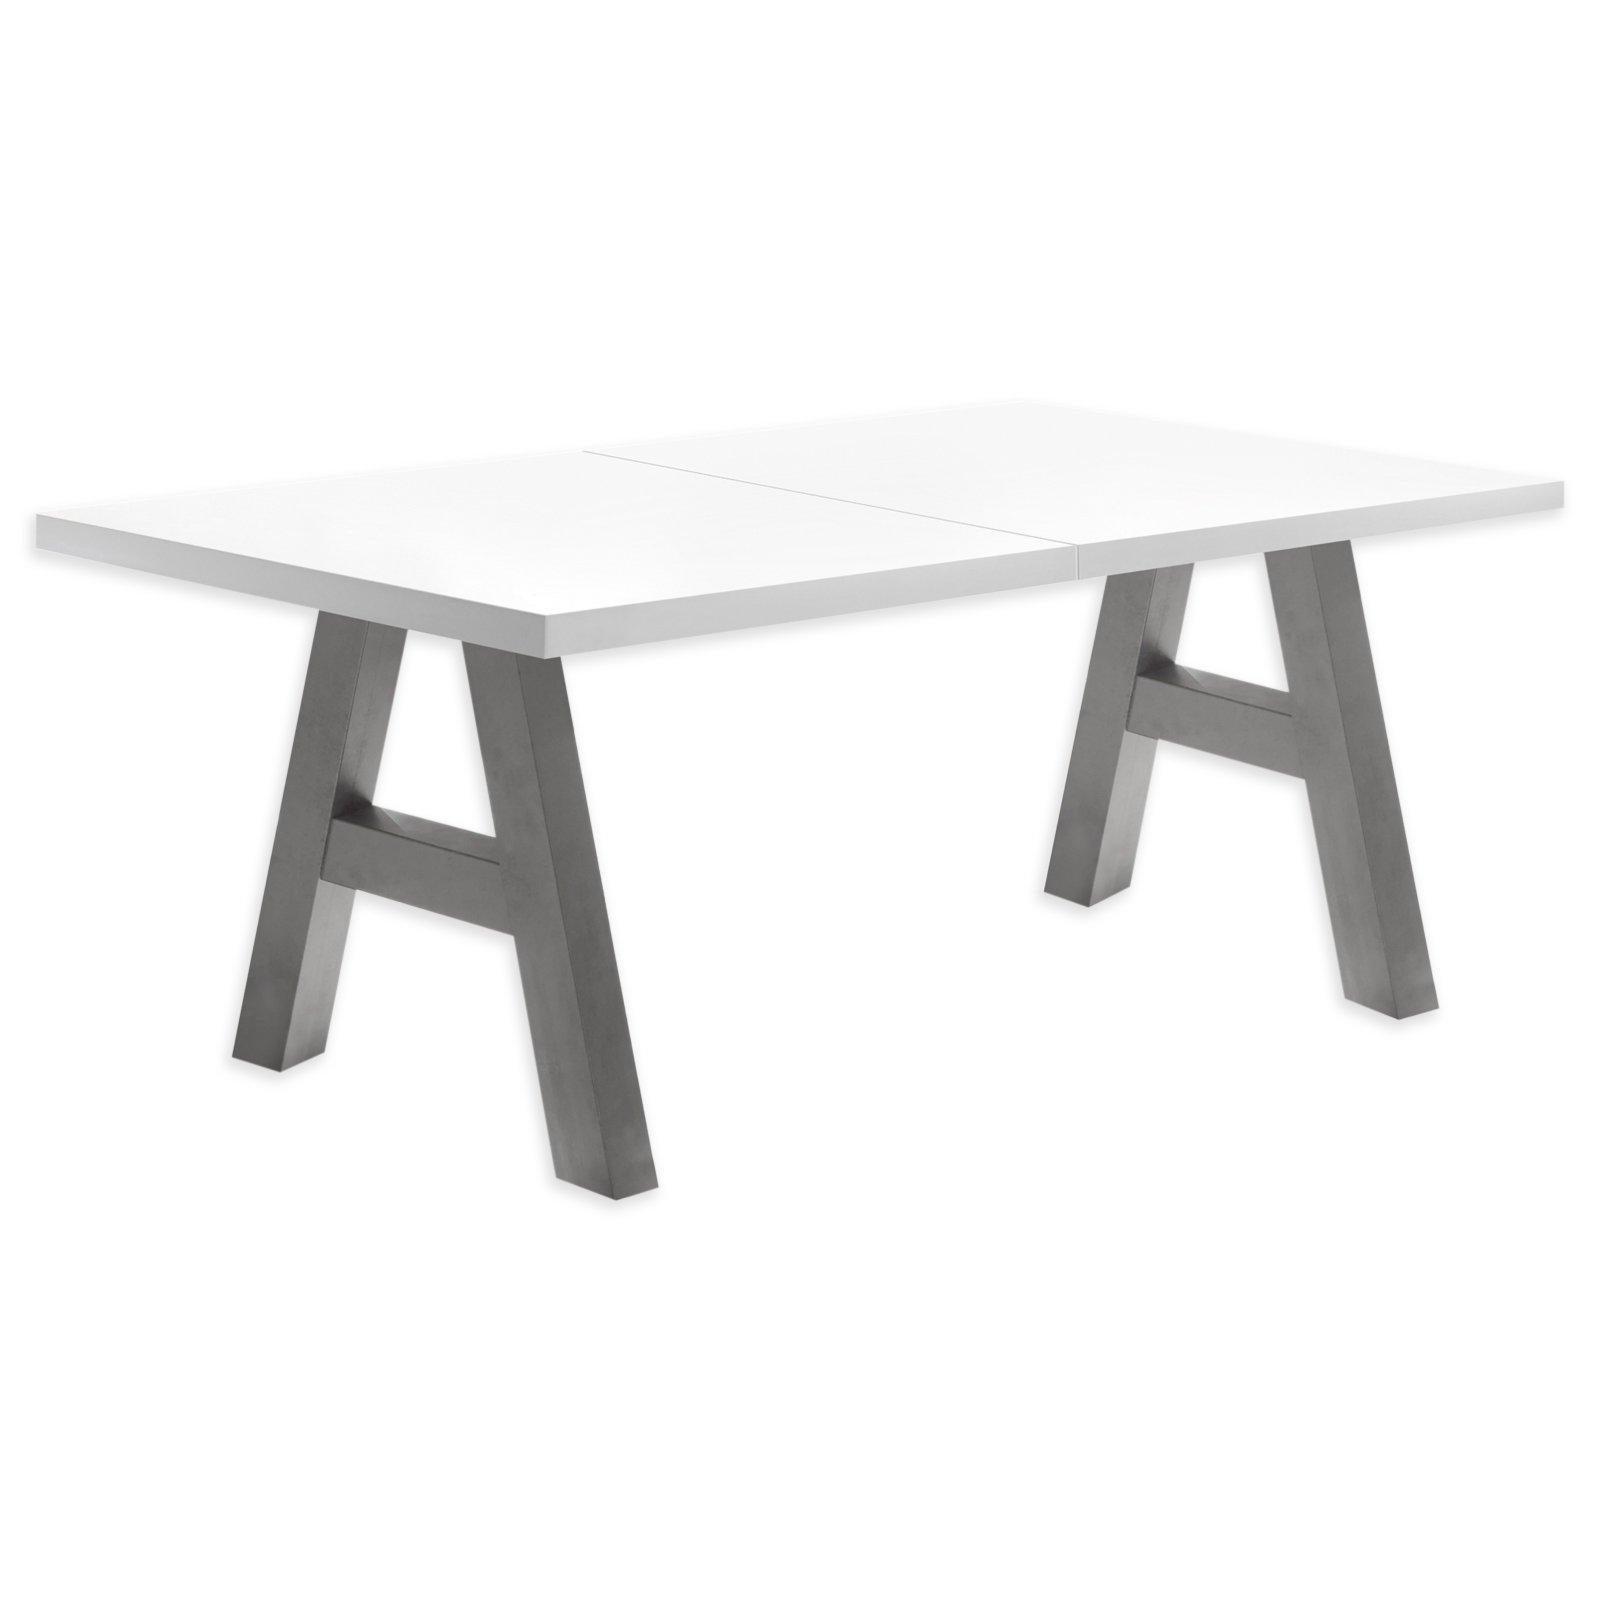 tisch mister a wei graphit ausziehbar esstische sitzen essen esszimmer. Black Bedroom Furniture Sets. Home Design Ideas